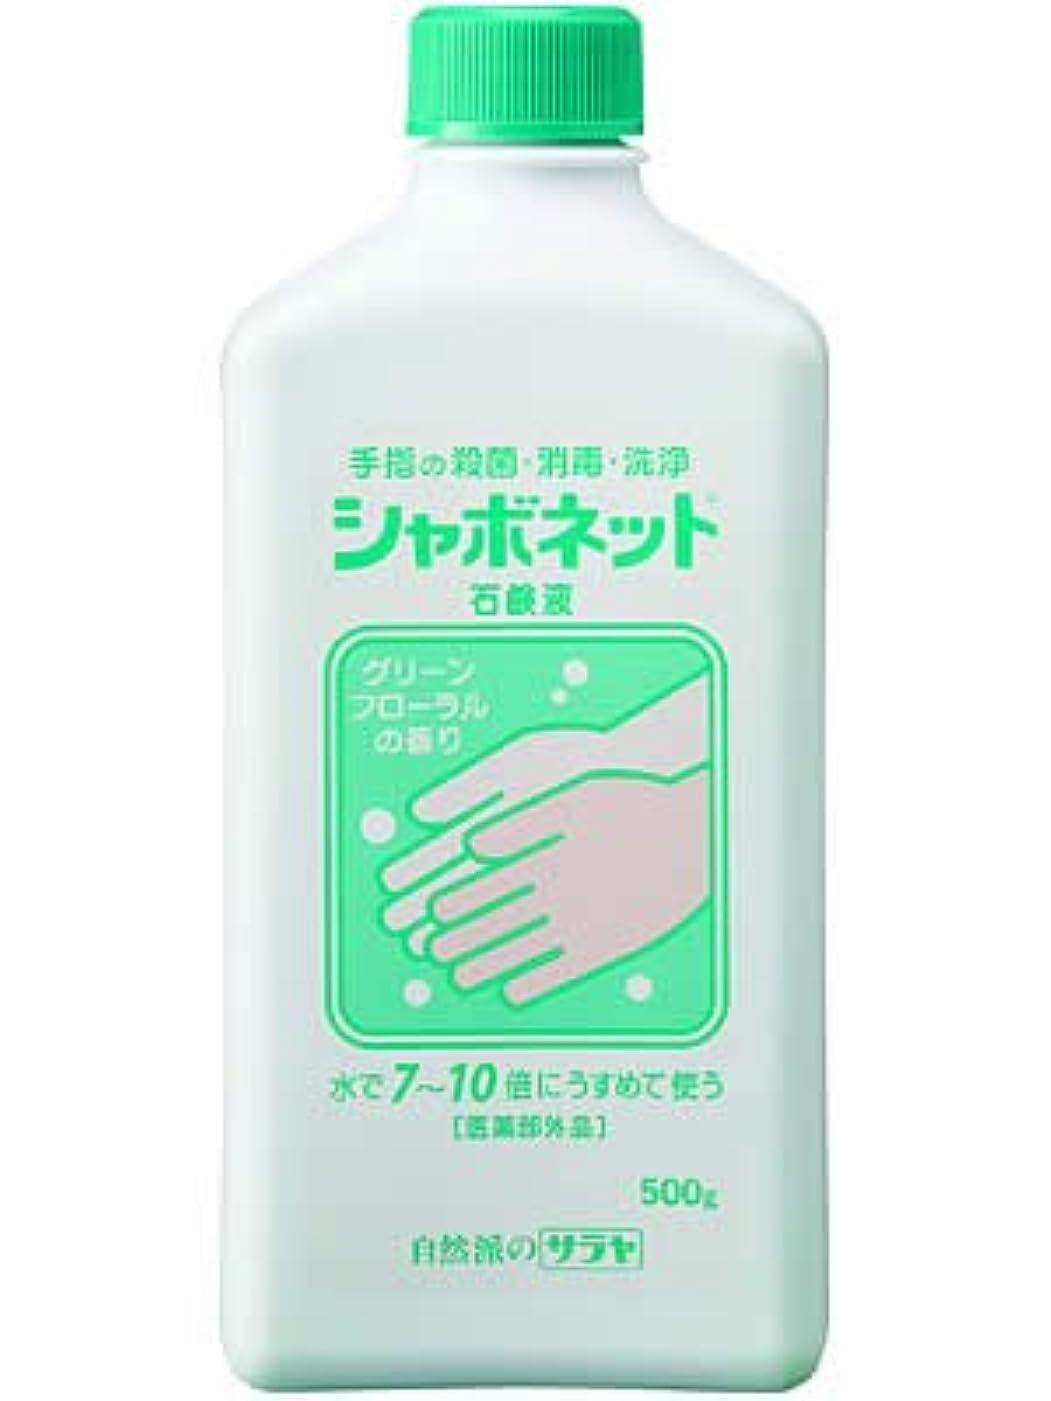 マーチャンダイジング遷移テレビシャボネット 石鹸液 500g ×5個セット